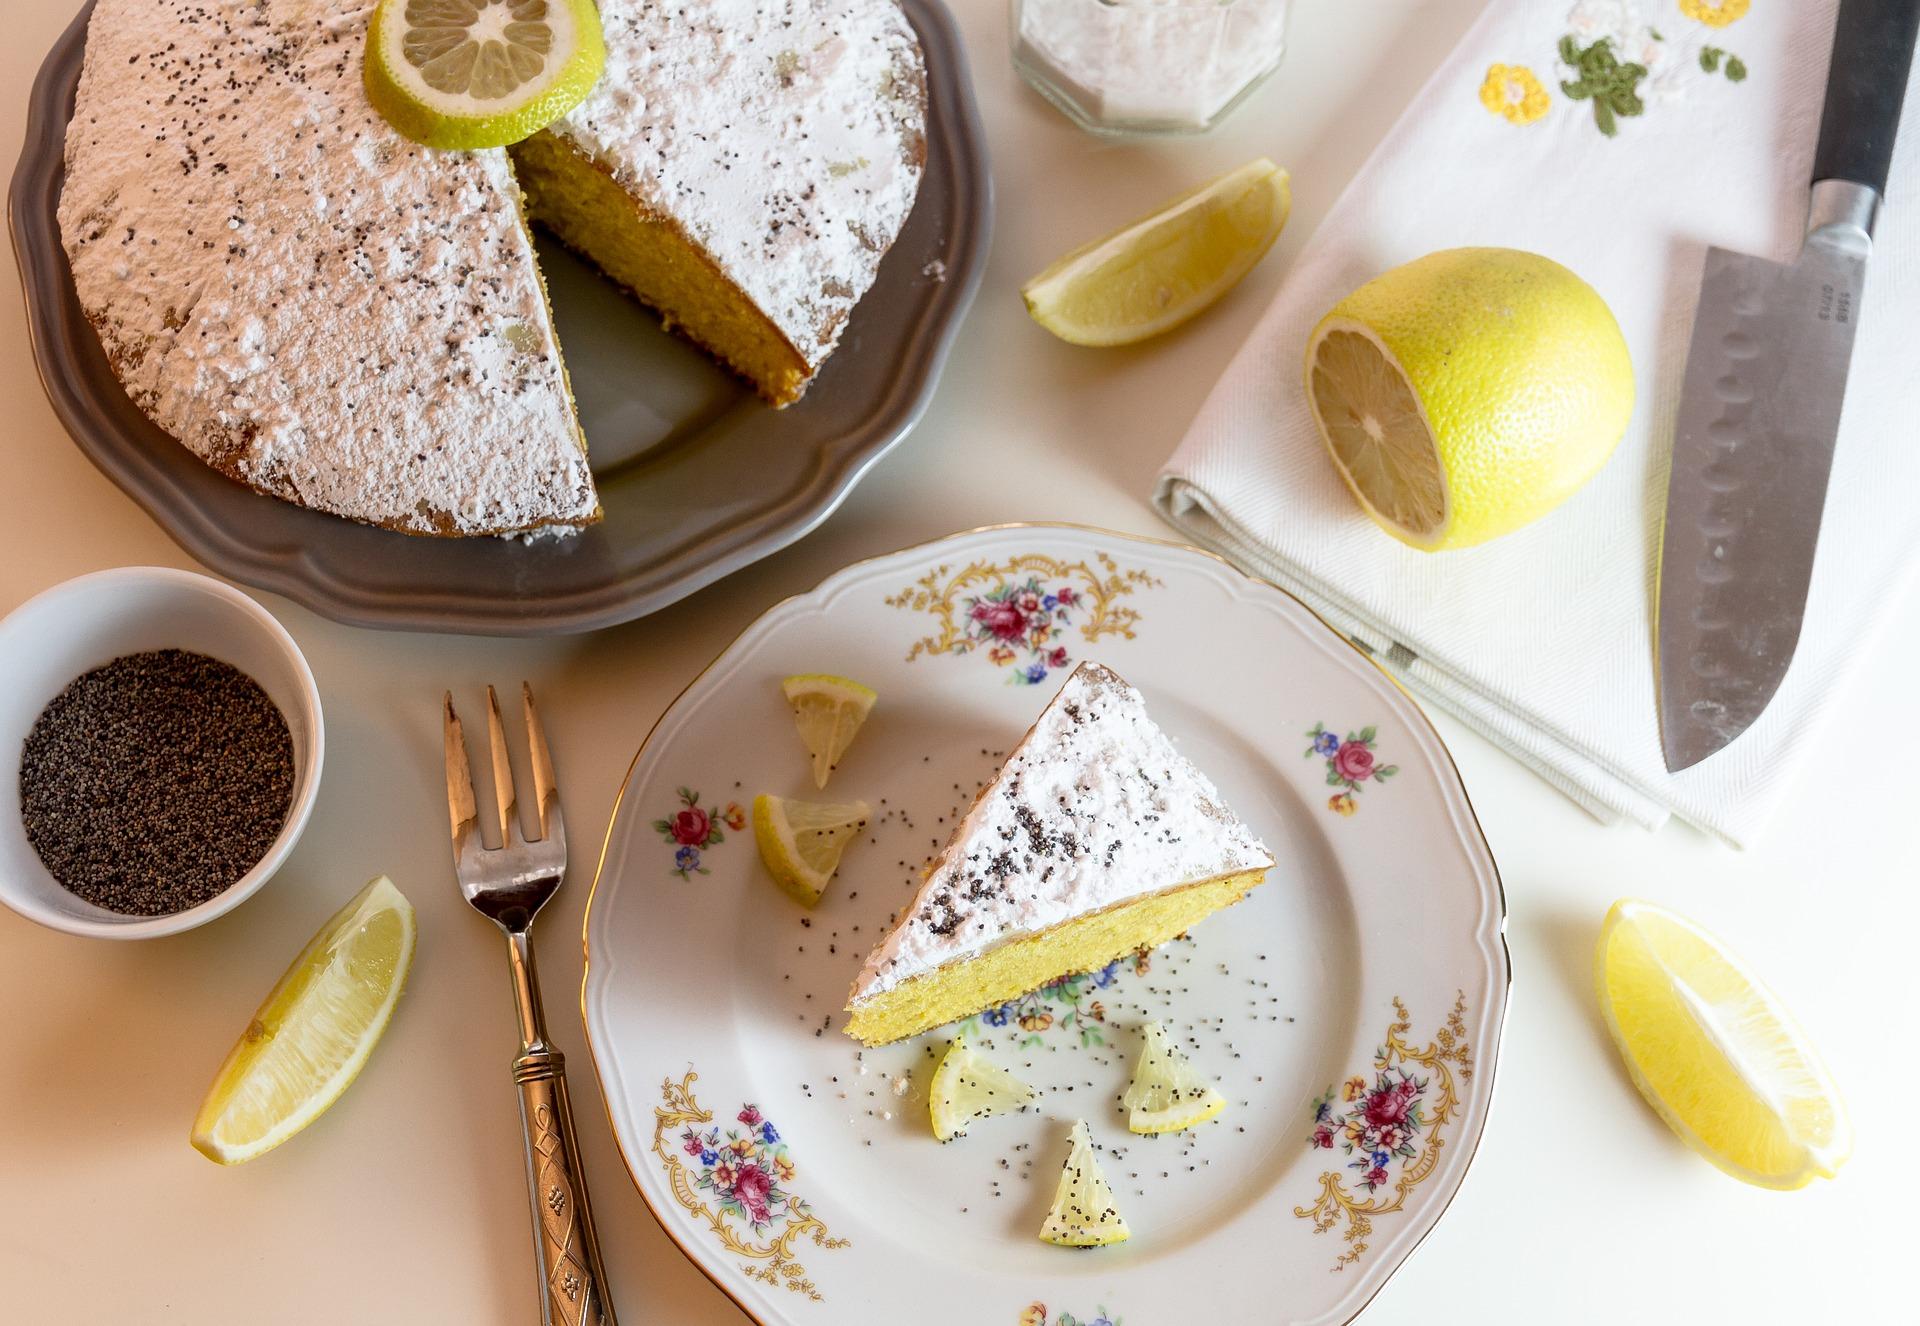 La forma tradicional de partir tartas es en cuña